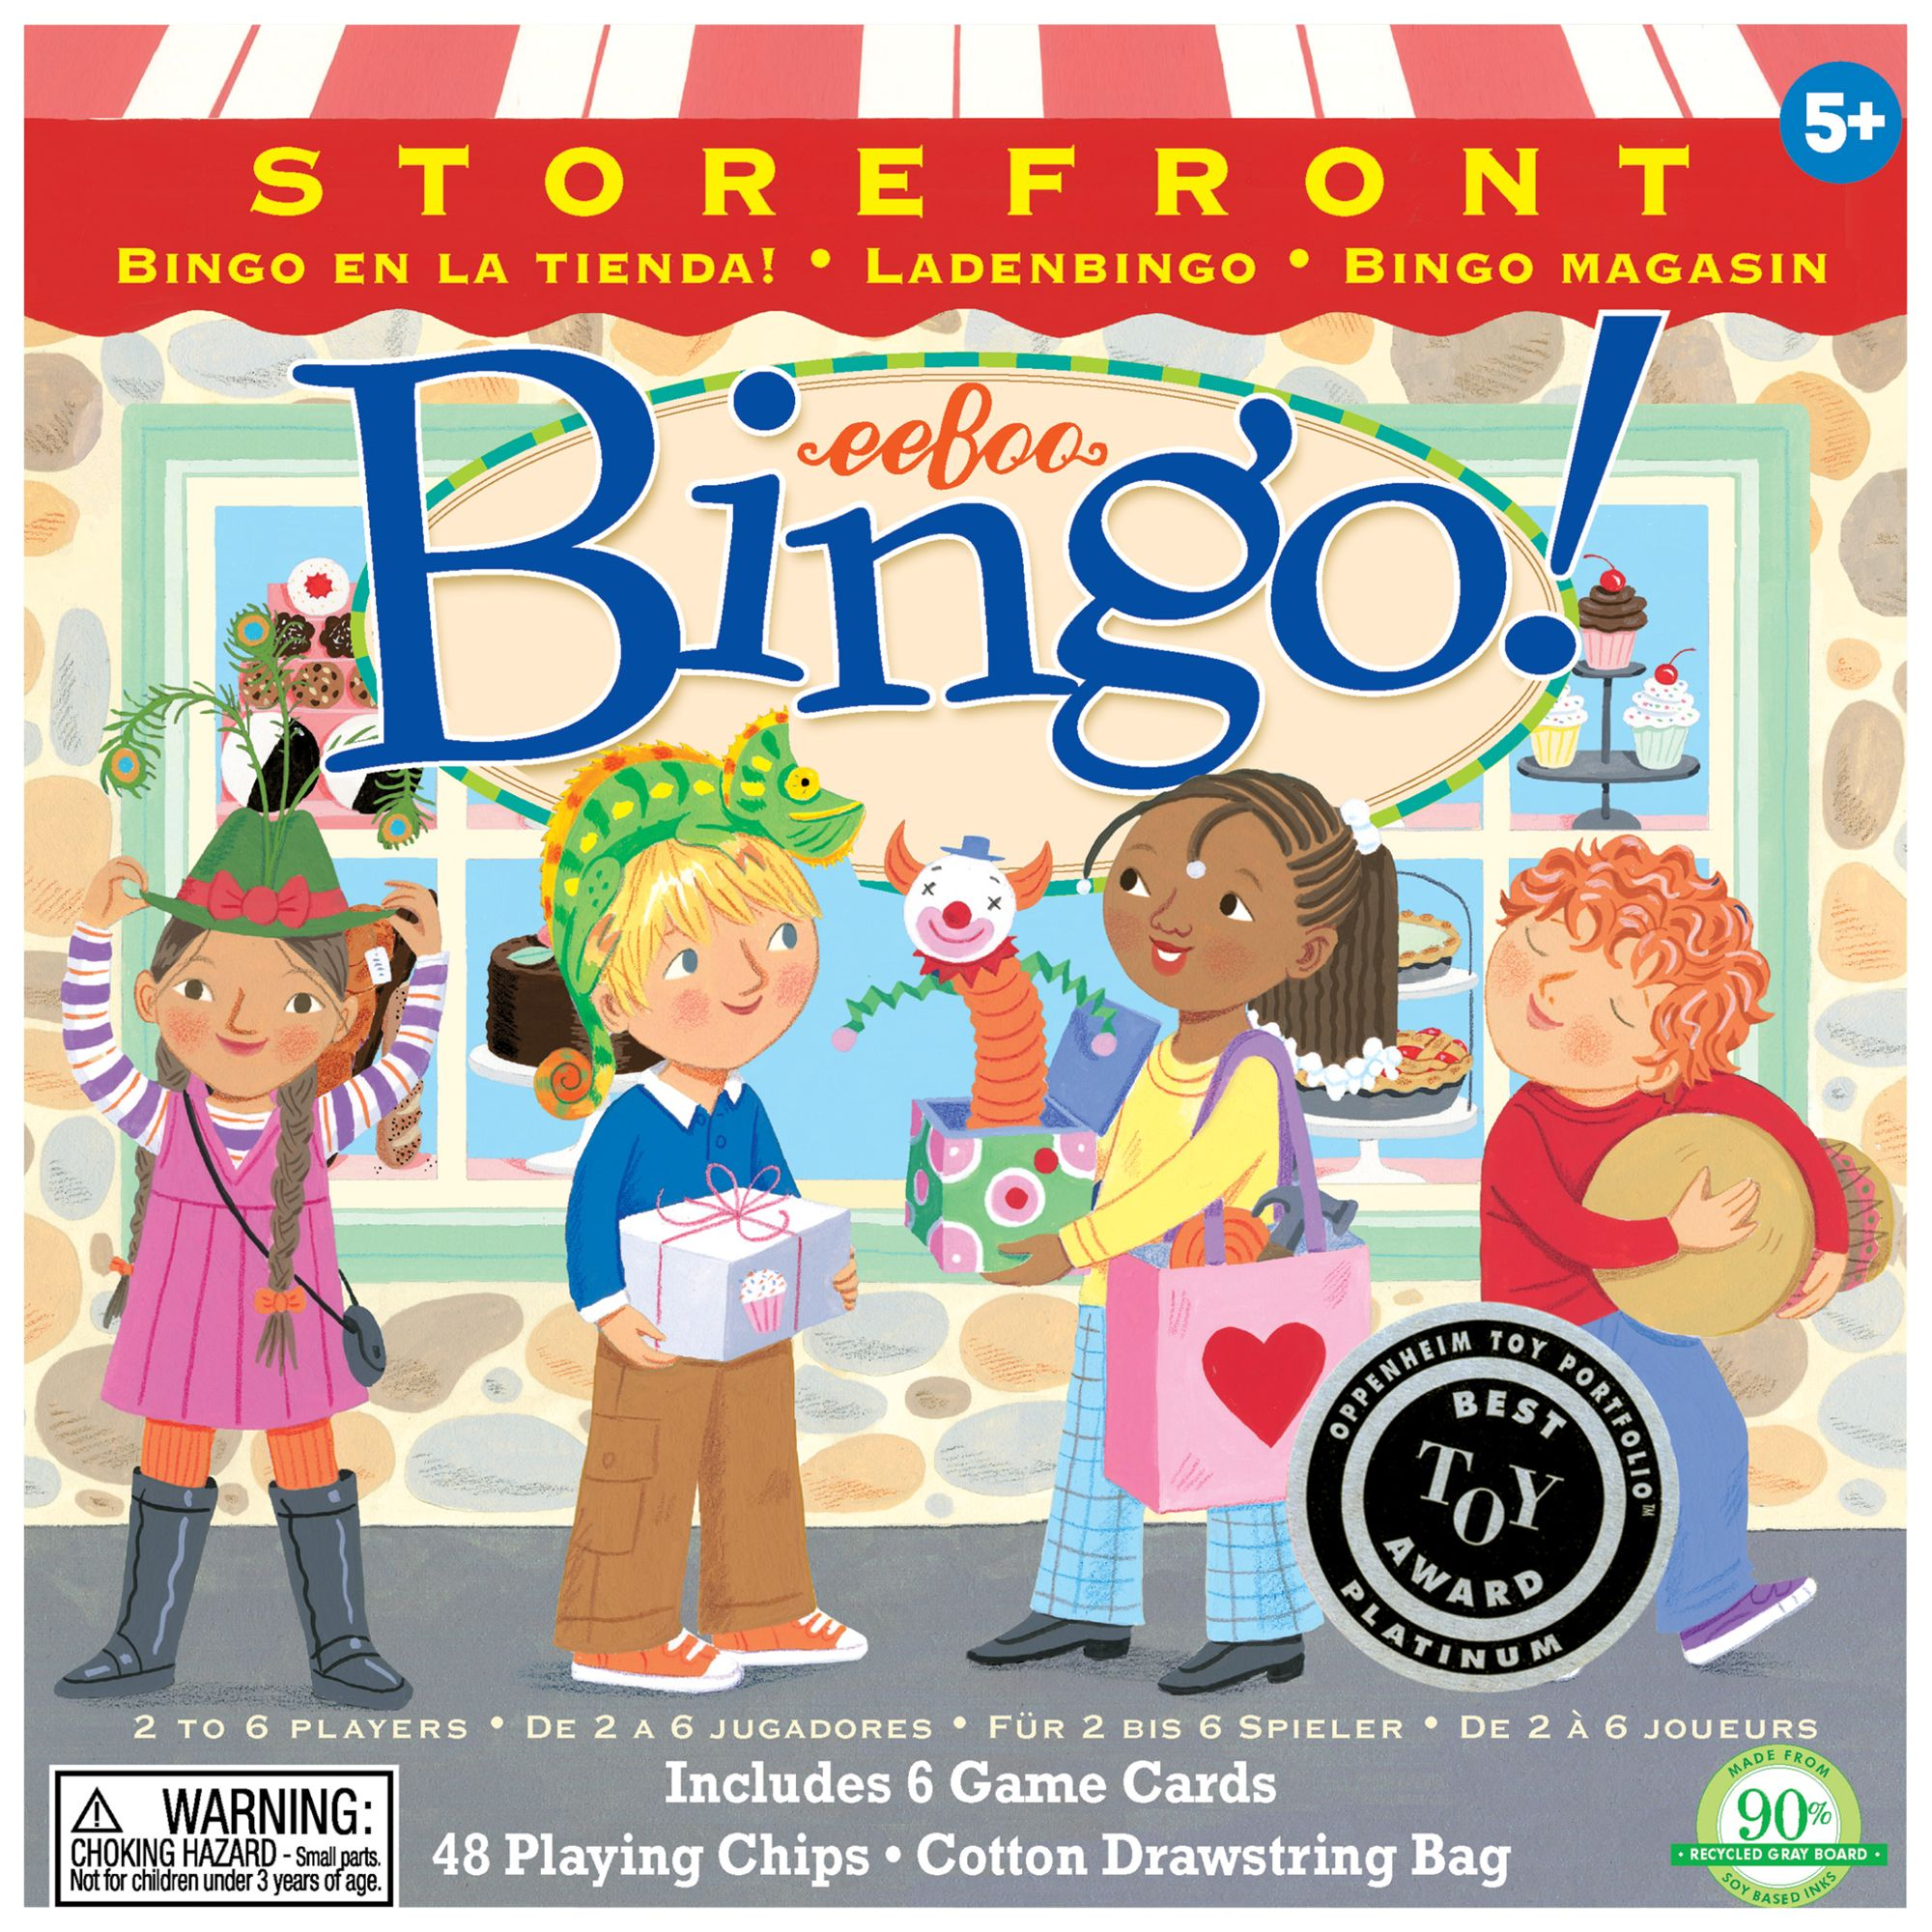 Eeboo eeBoo Storefront Bingo Game